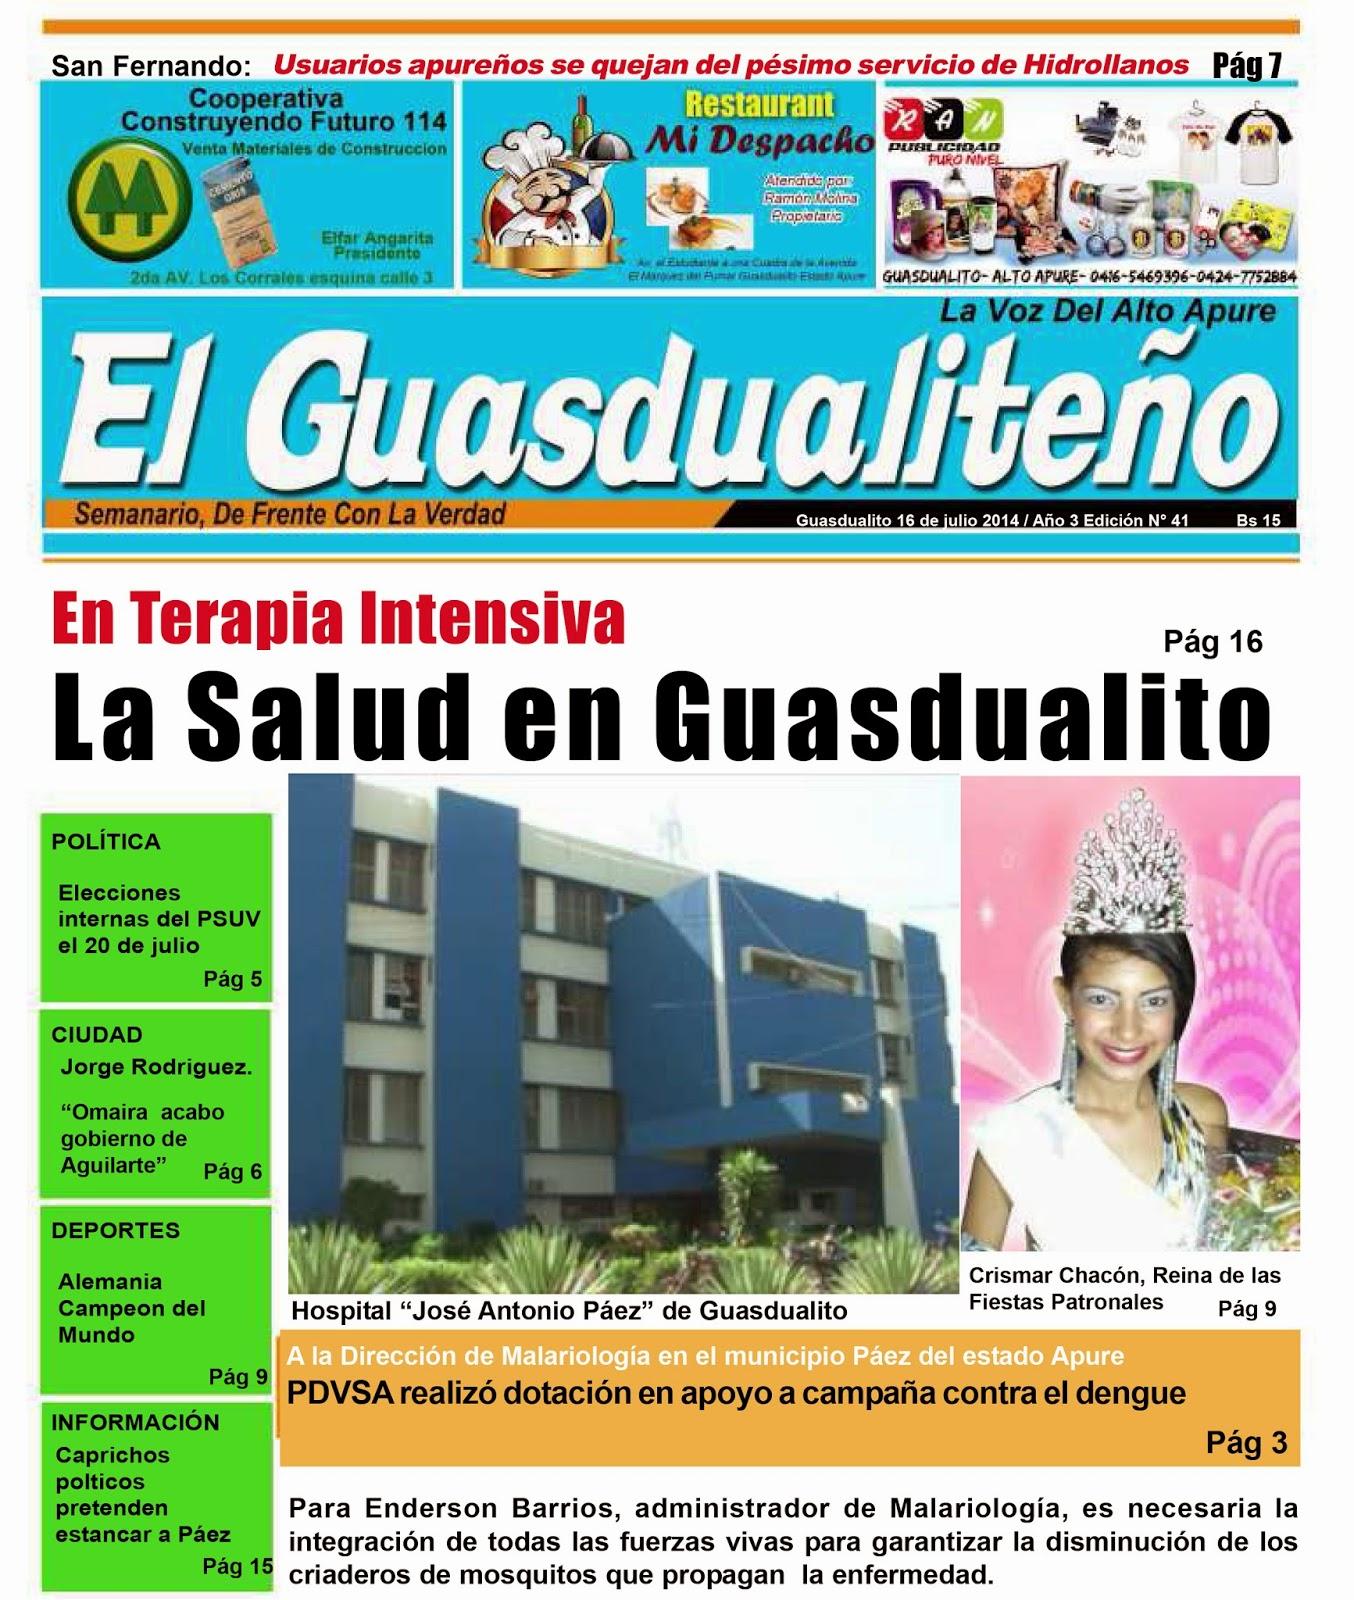 Portada del Semanario El Guasdualiteño.